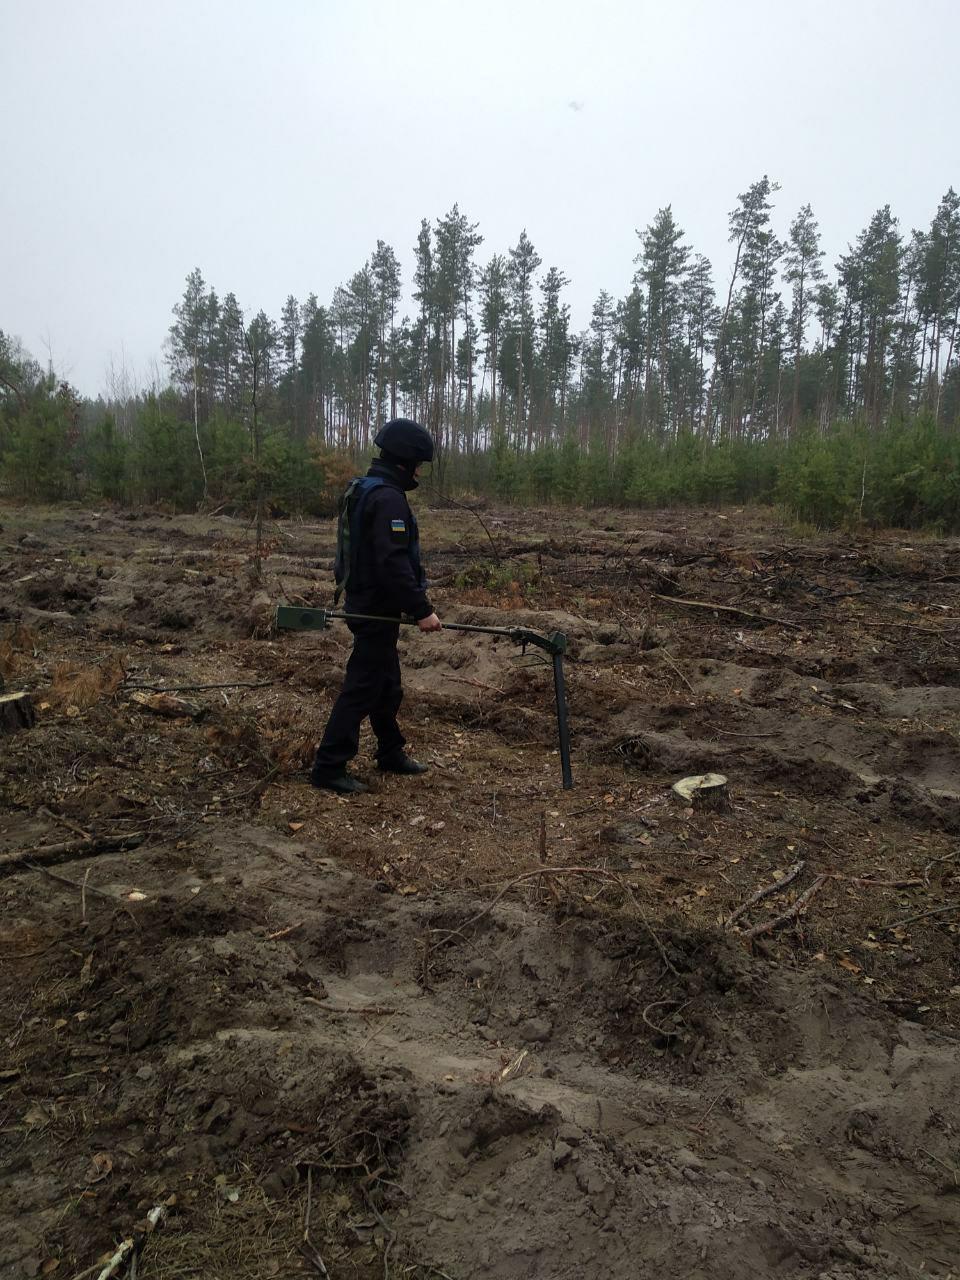 На Іванківщині виявили та знешкодили артилерійські снаряди -  - photo 2019 11 20 14 45 28 1